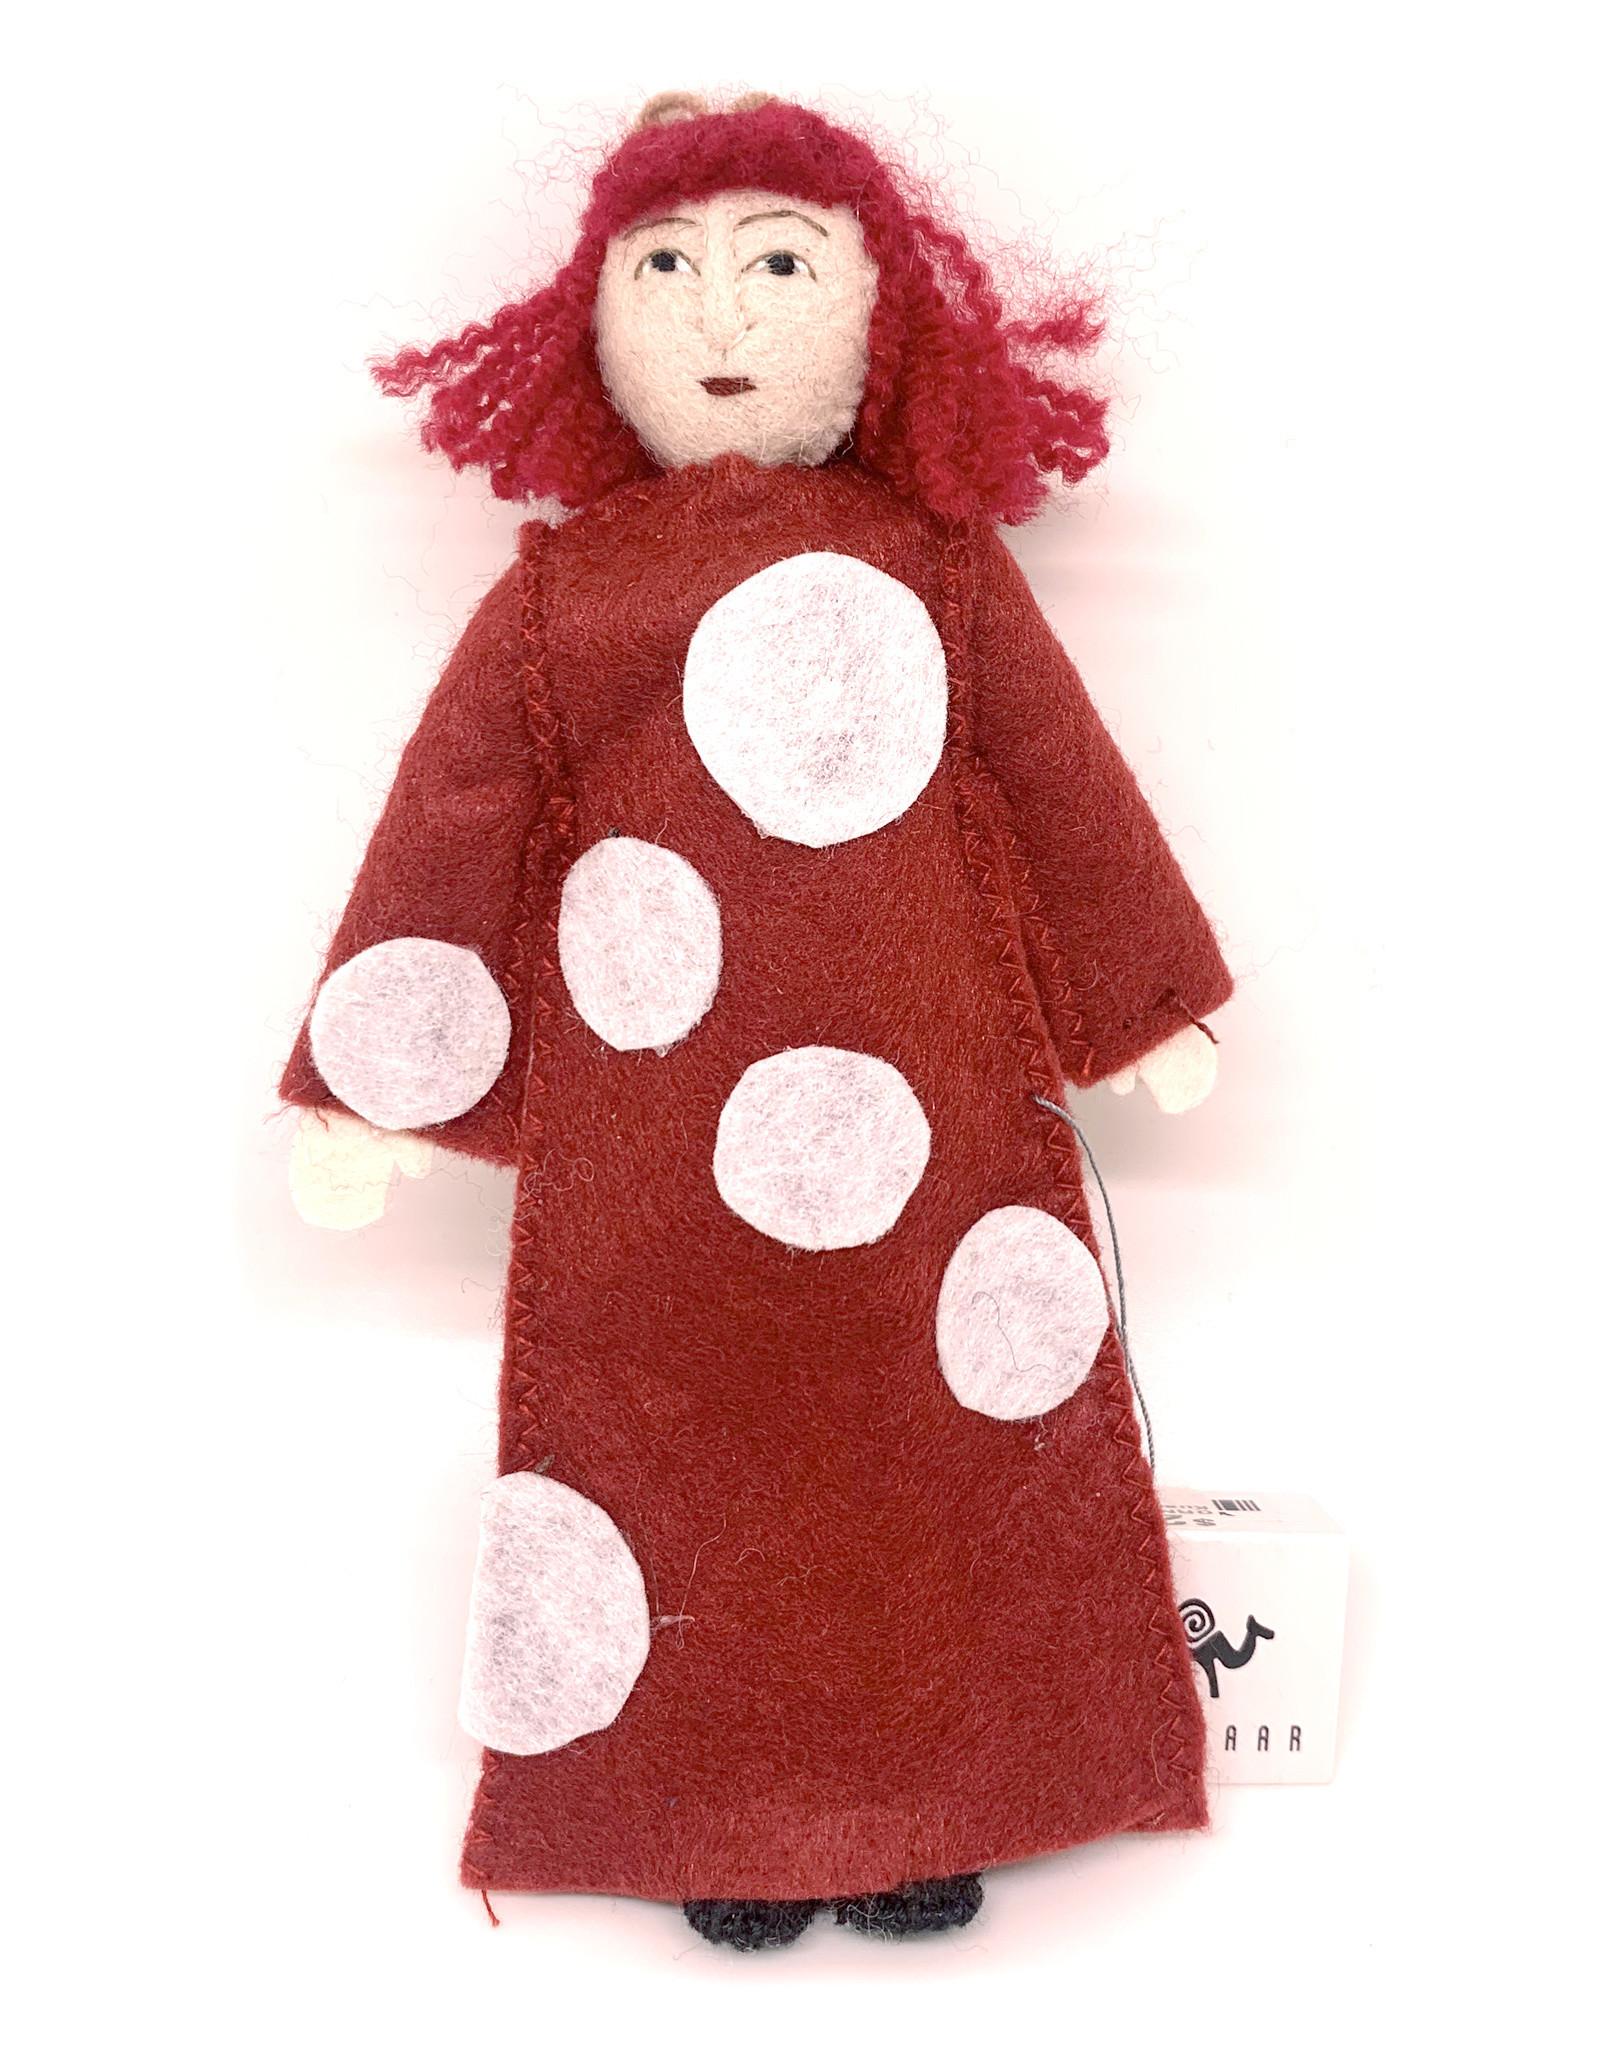 Felt Yayoi Kusama Doll